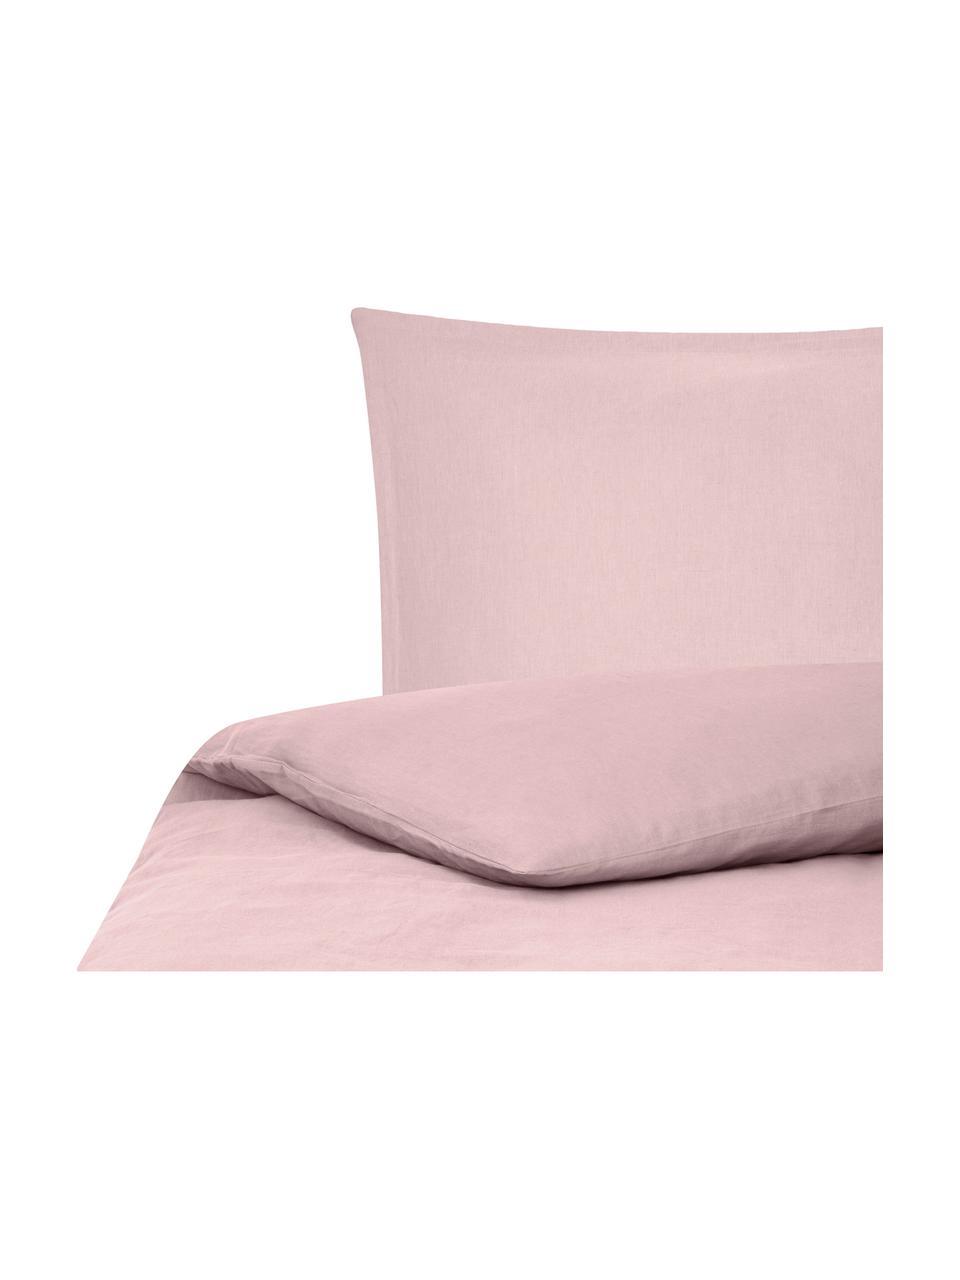 Pościel z lnu z efektem sprania Nature, Blady różowy, 240 x 220 cm + 2 poduszki 80 x 80 cm